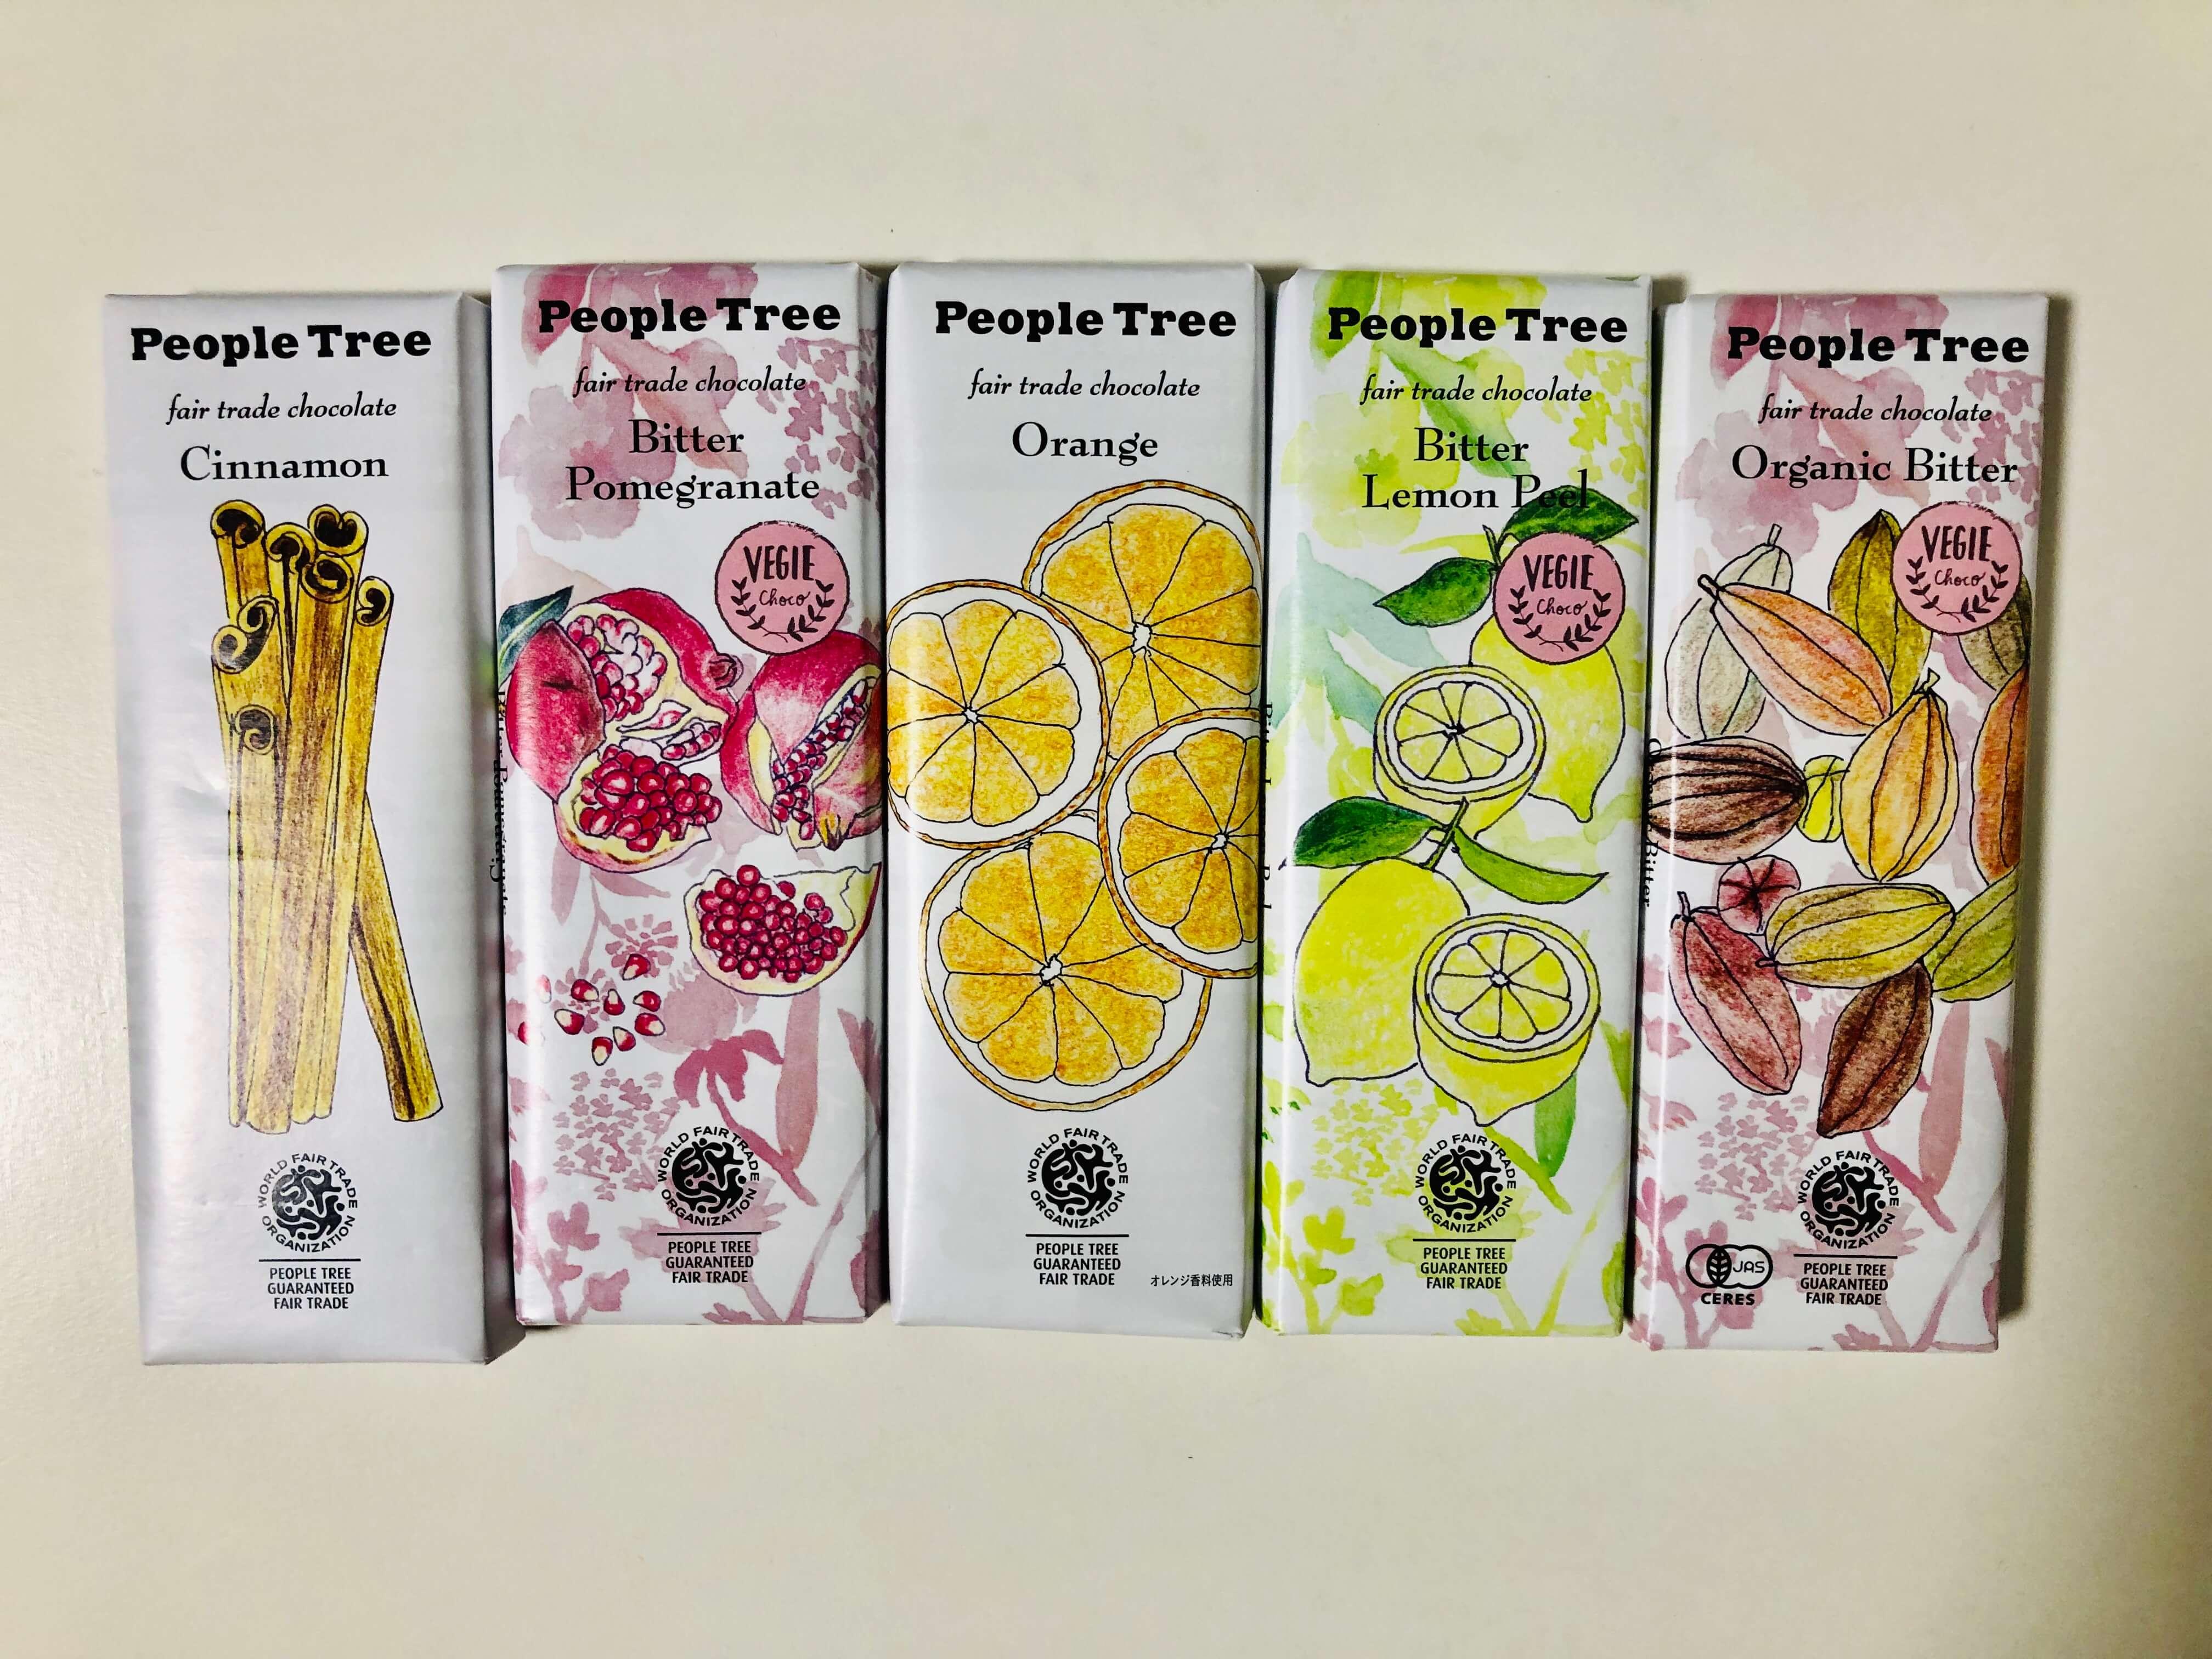 ピープルツリー(PeopleTree)のおすすめ種類とカロリー